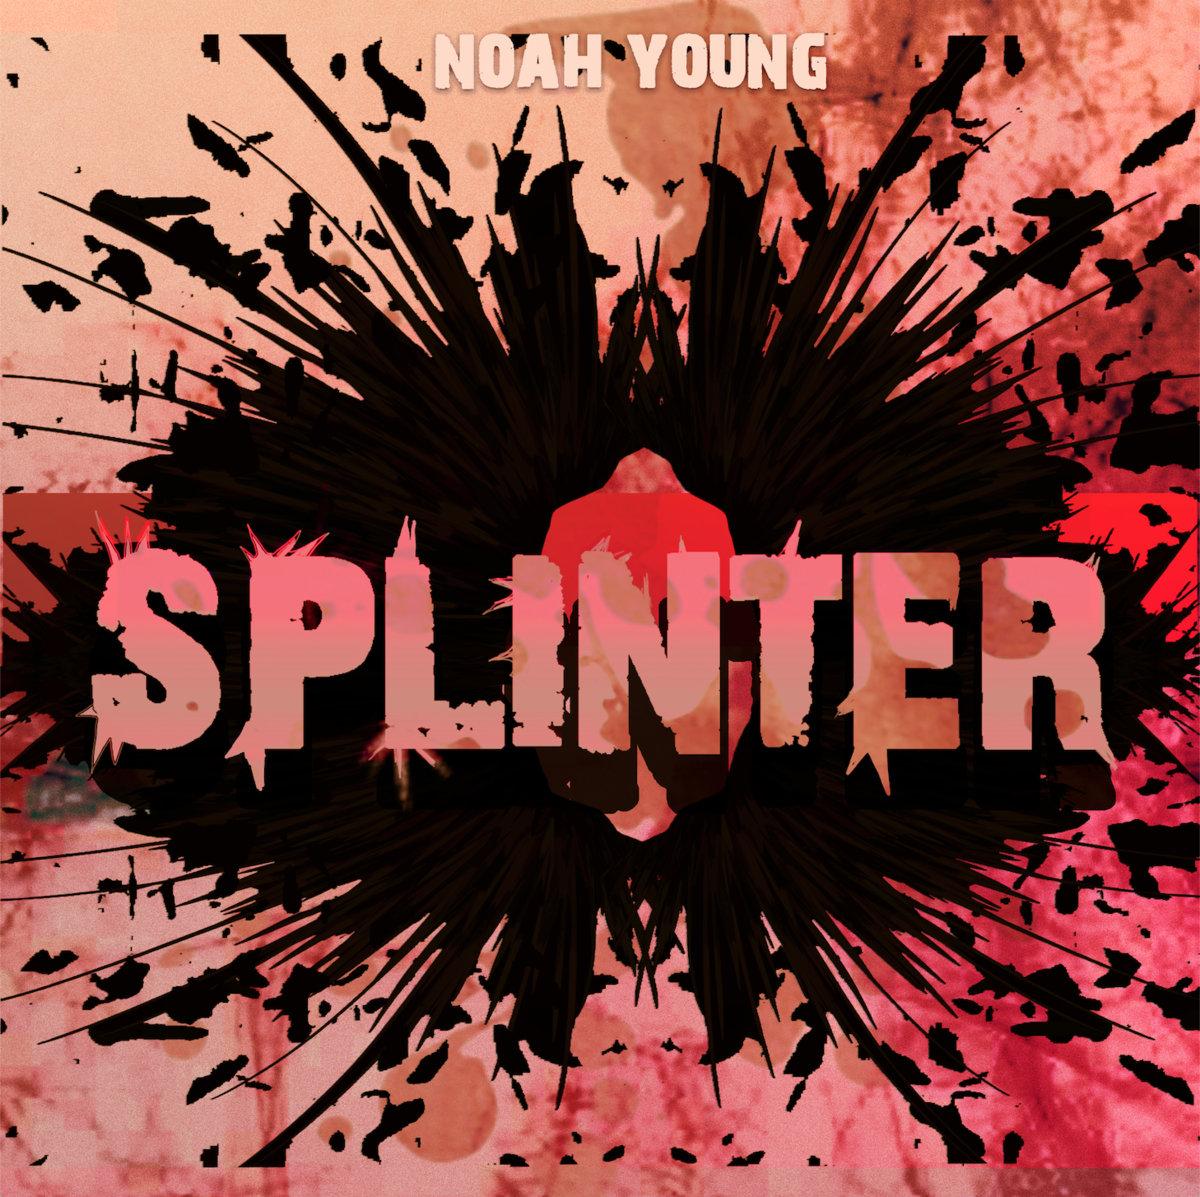 Noah Young - Splinter